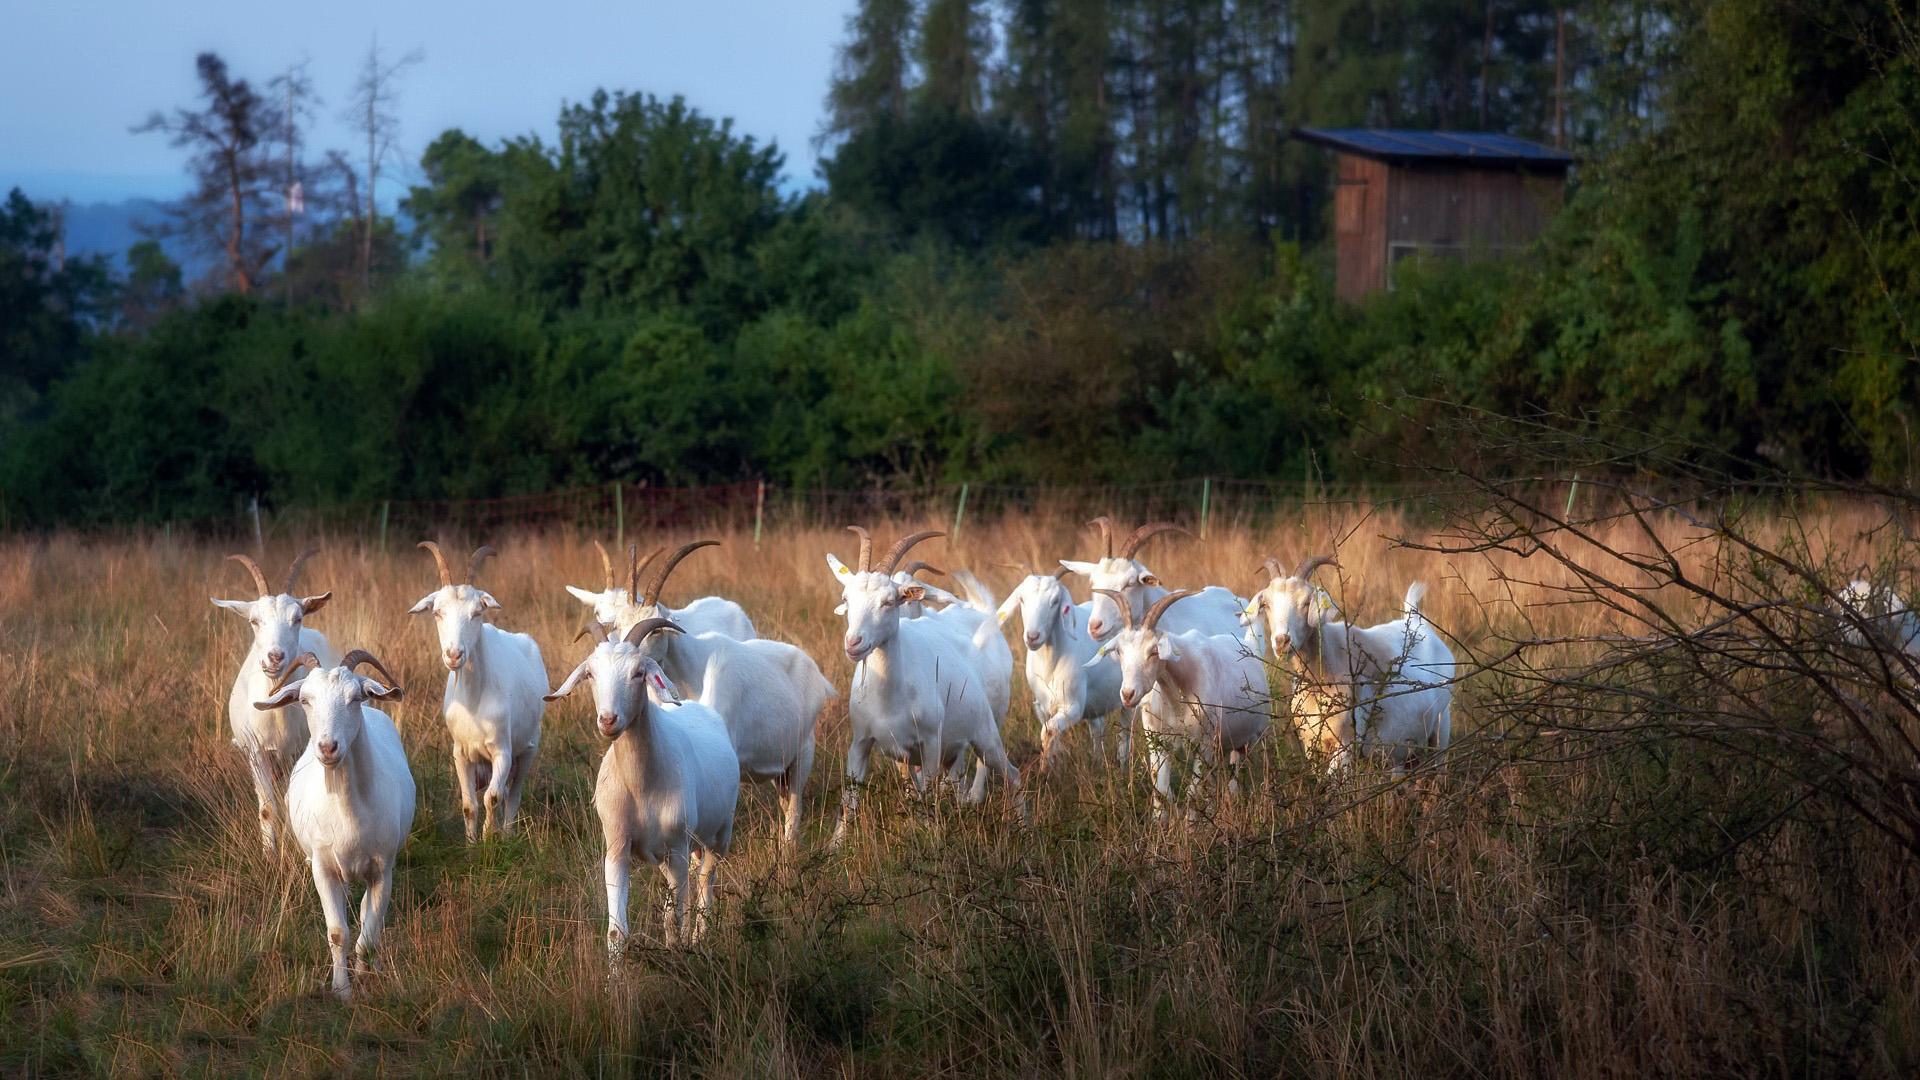 萌宠动物,野生动物,山羊,羊群